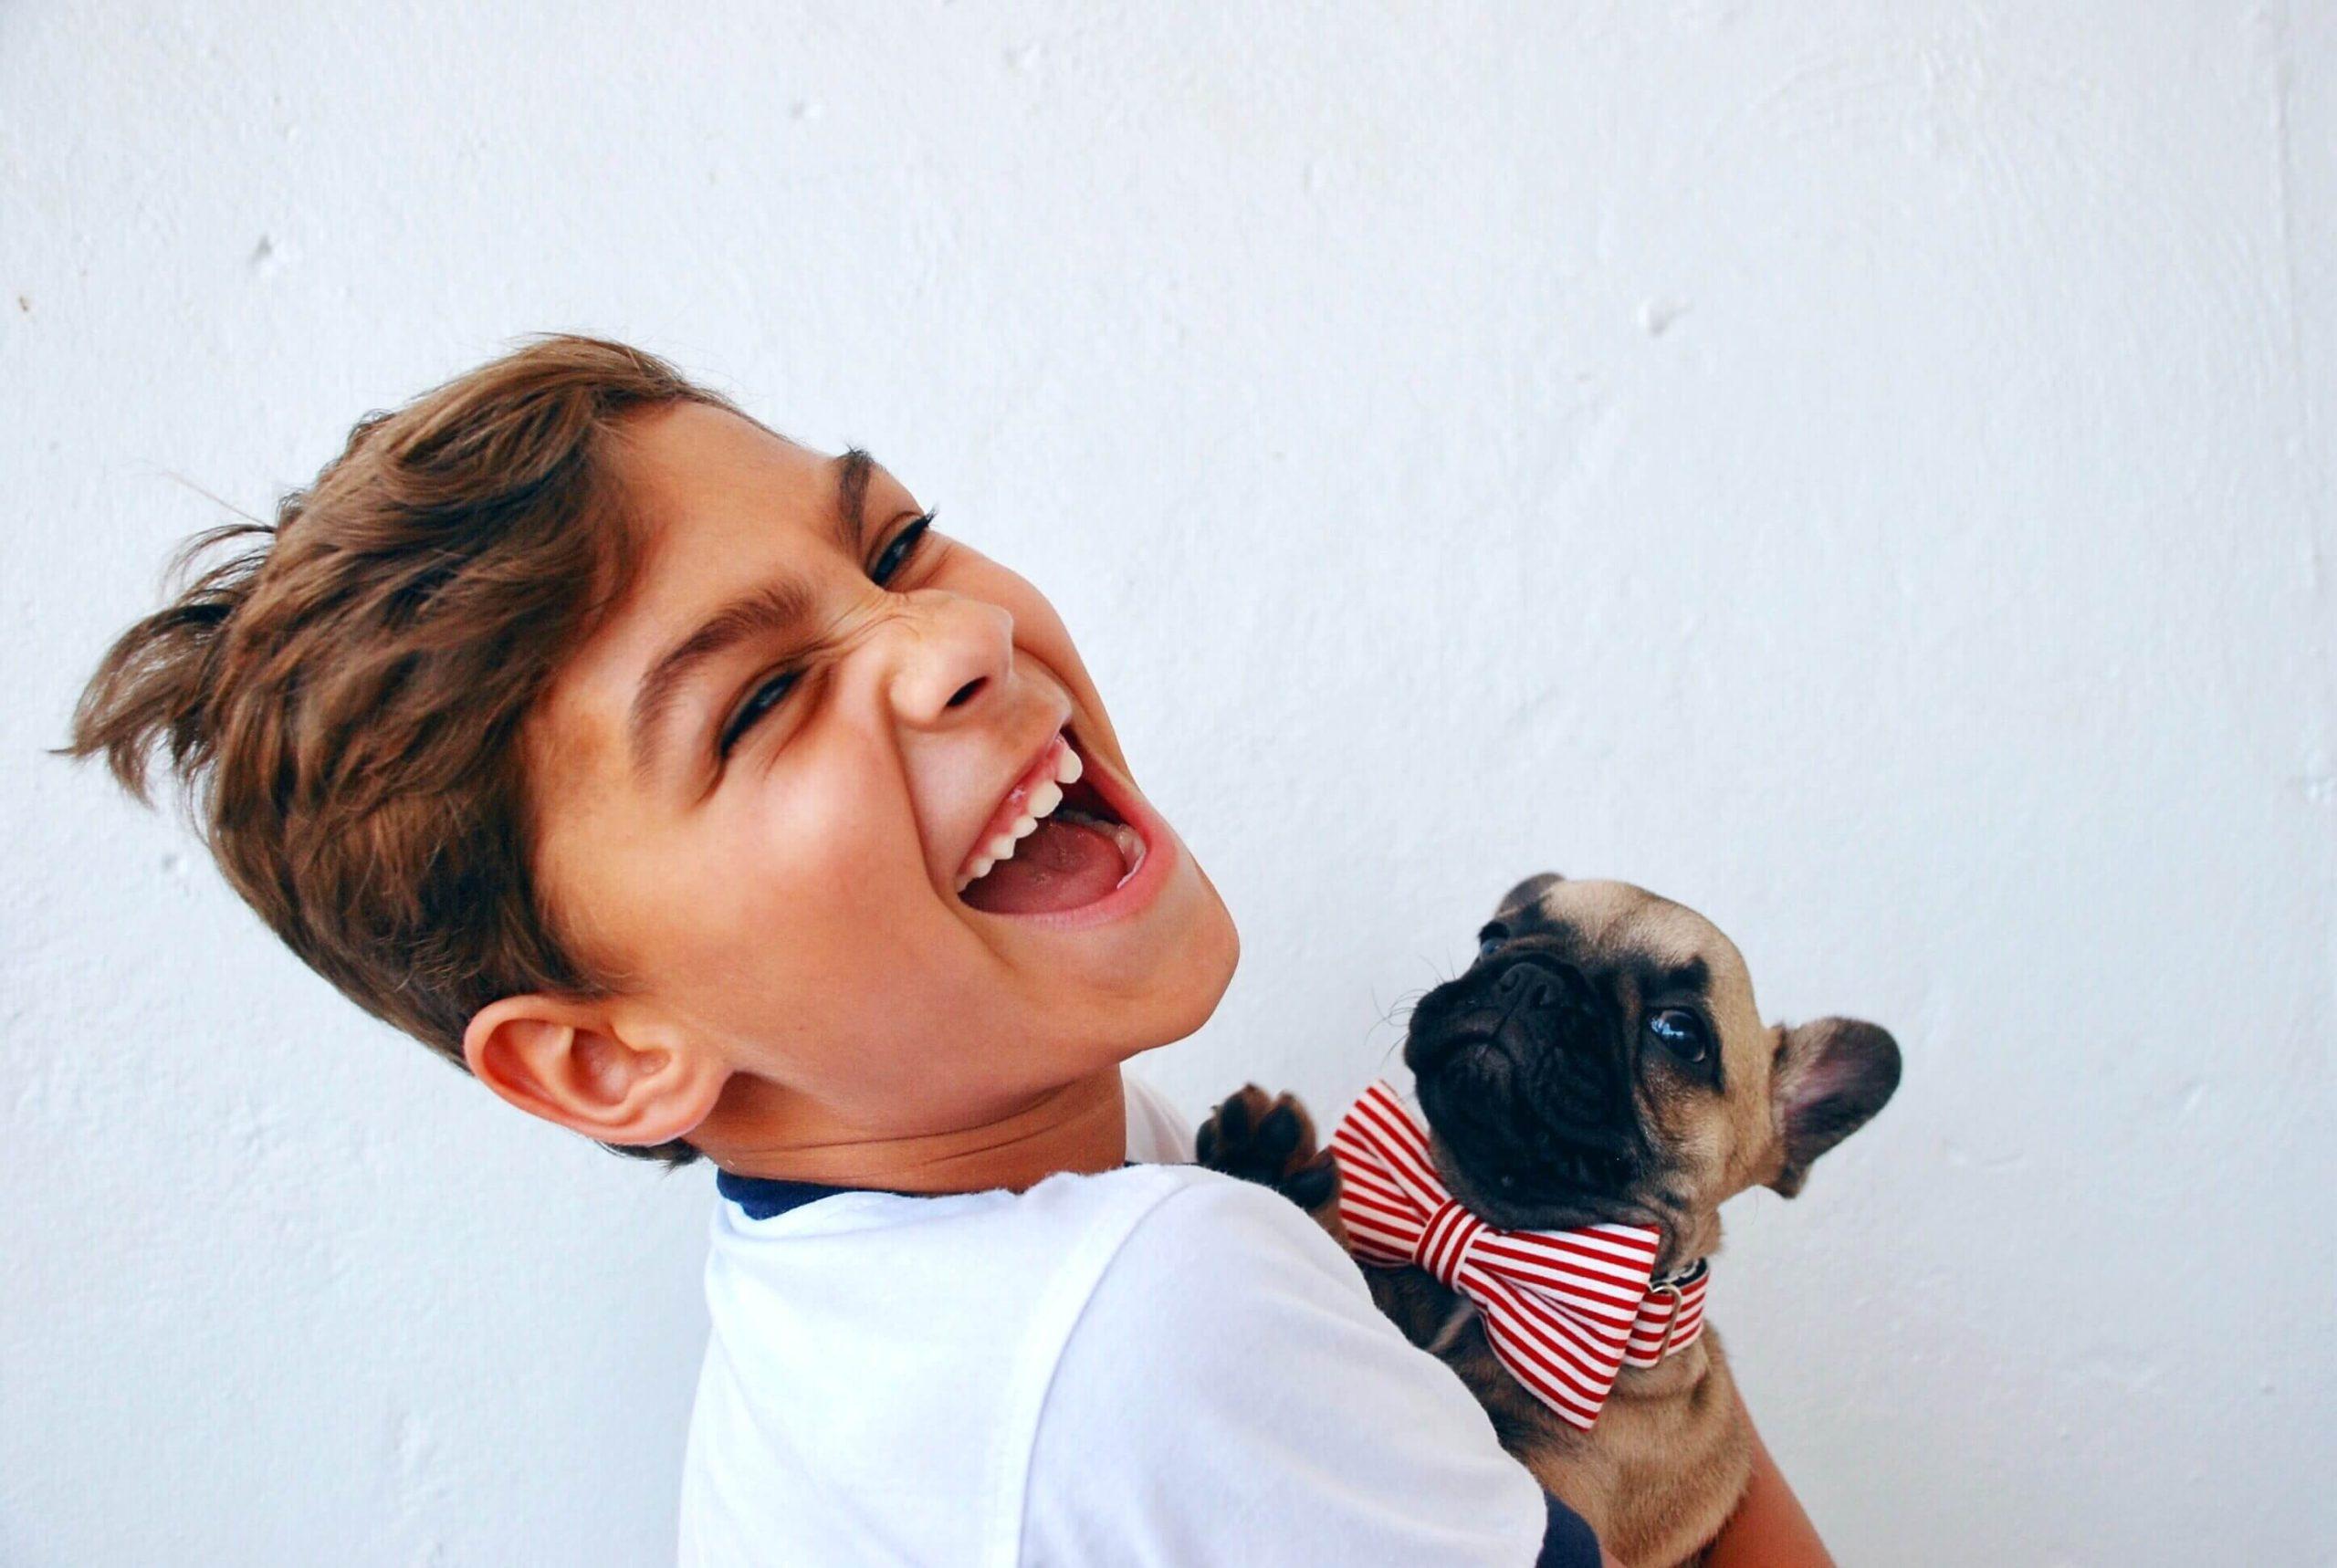 男の子が子犬を抱っこして喜んでいる写真